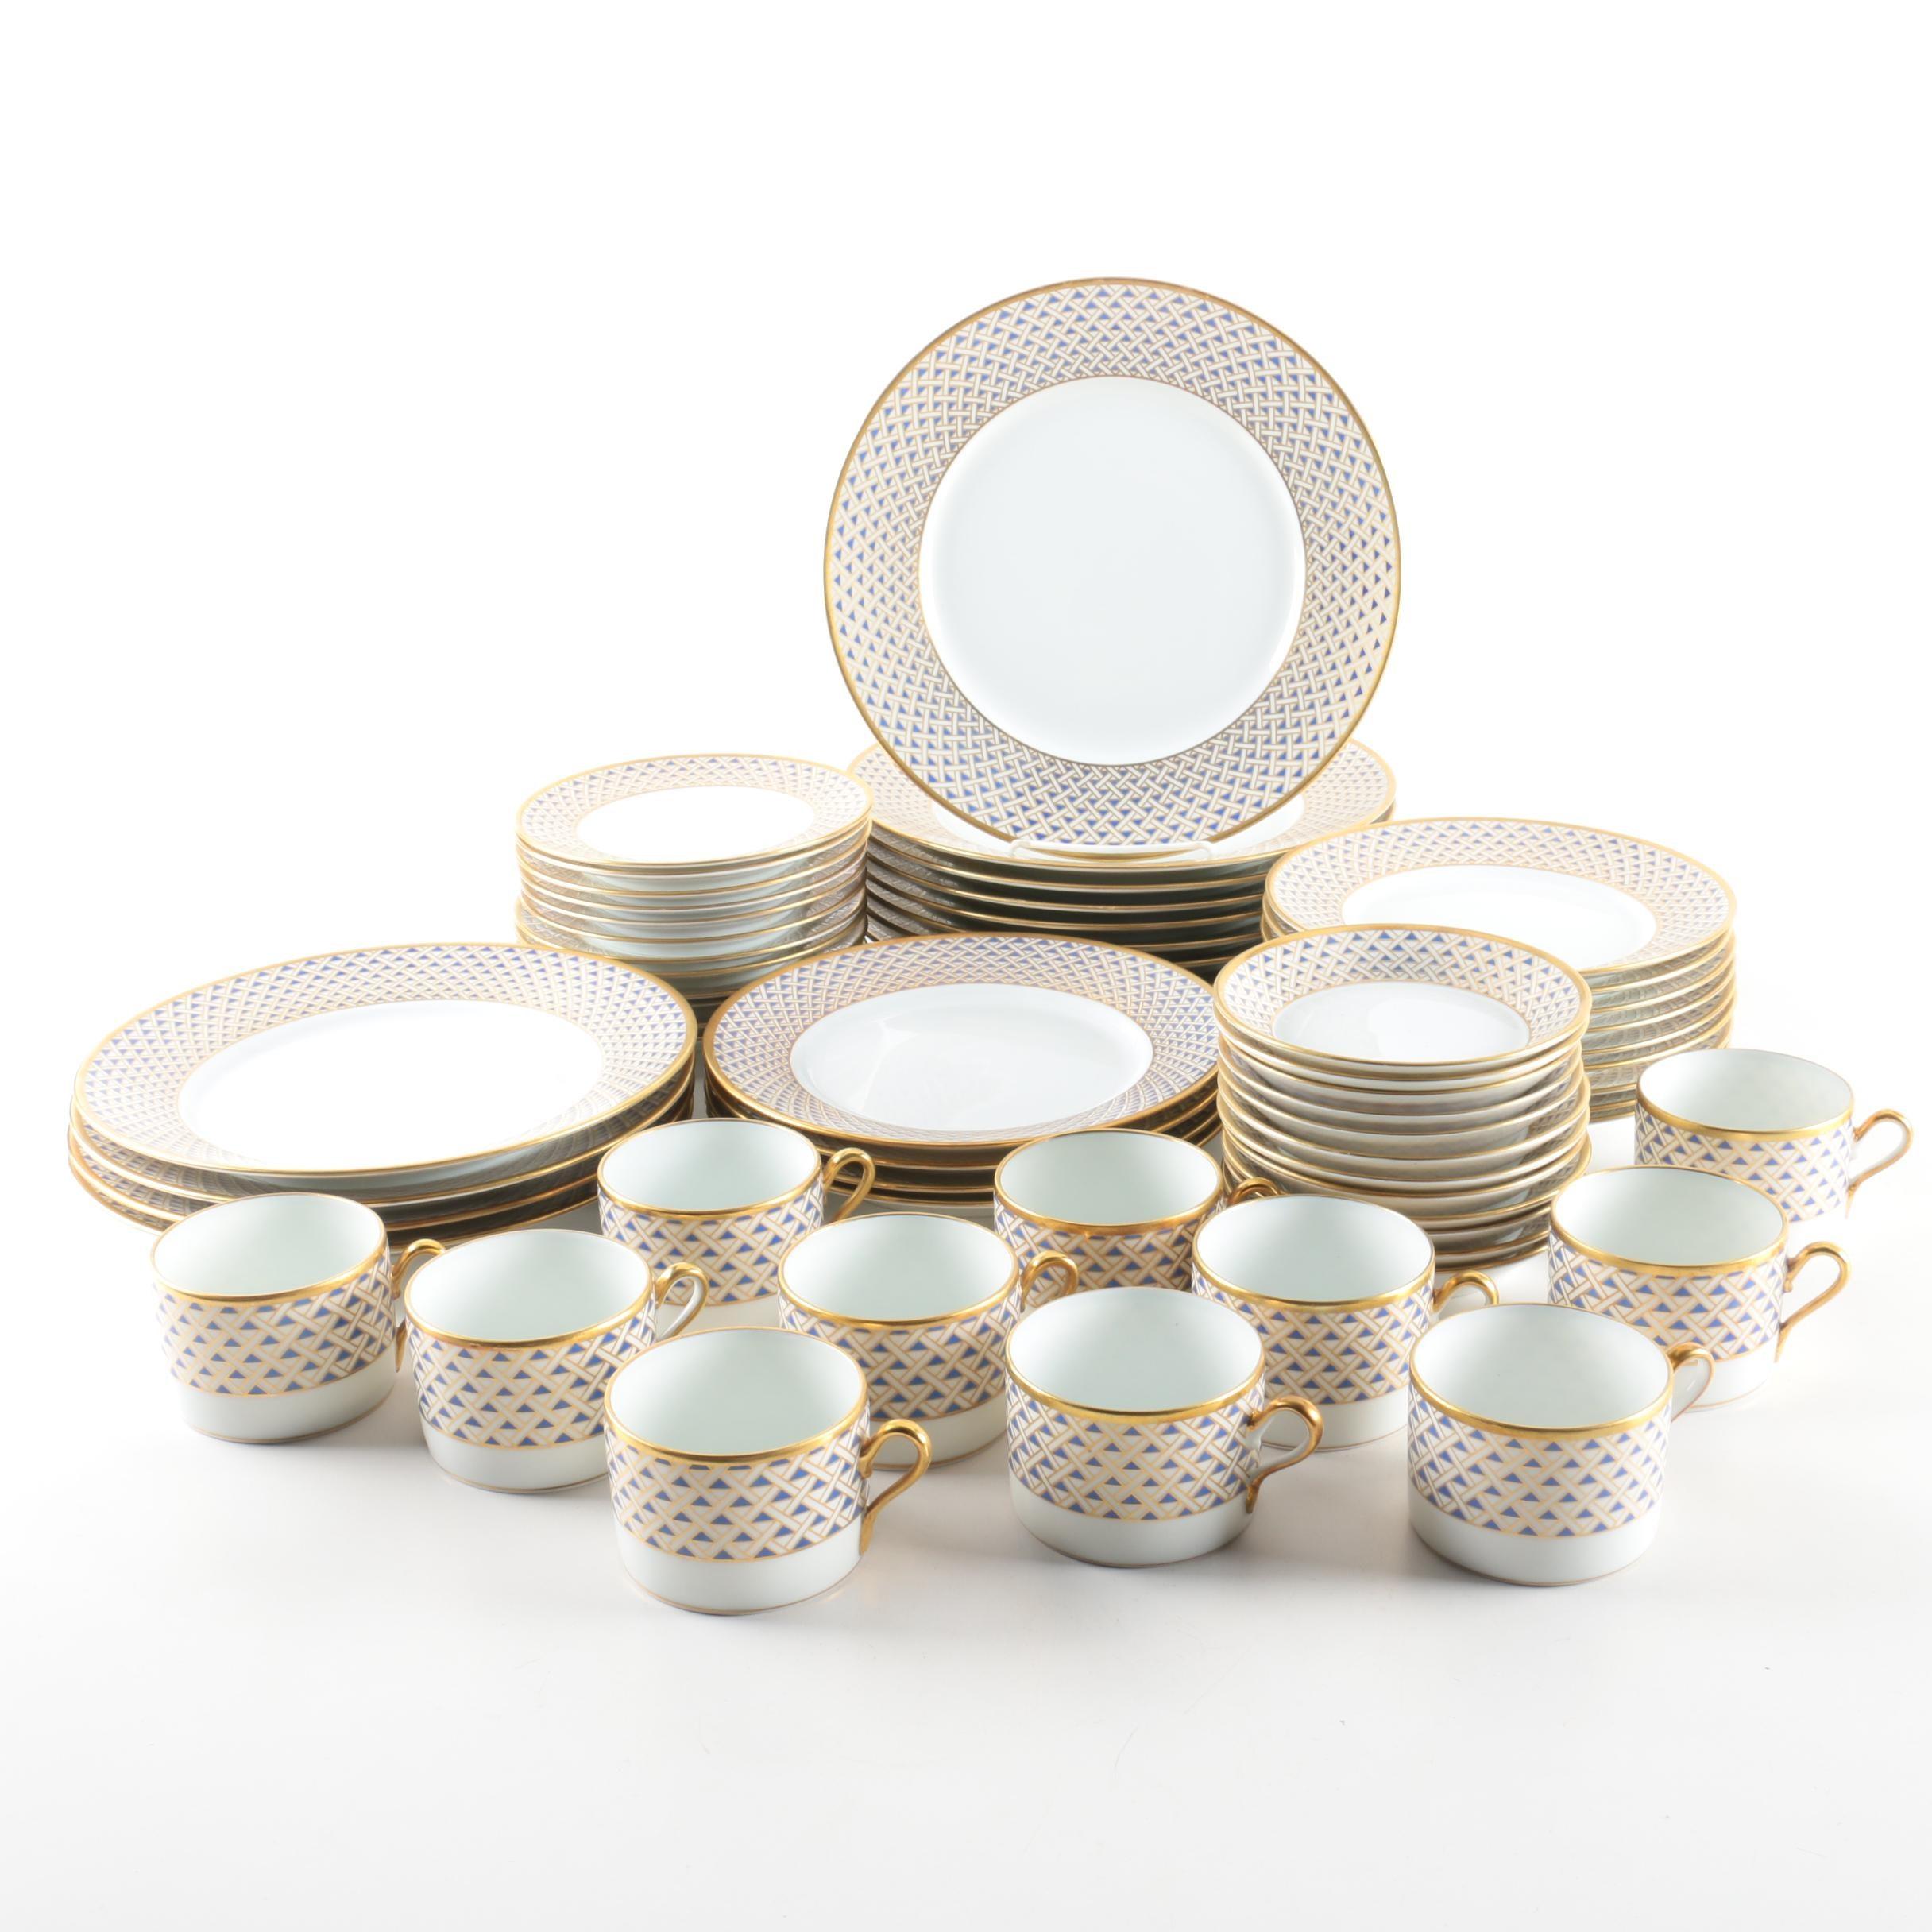 Richard Ginori \ Diamanti\  Italian Dinnerware ...  sc 1 st  EBTH.com & Richard Ginori \